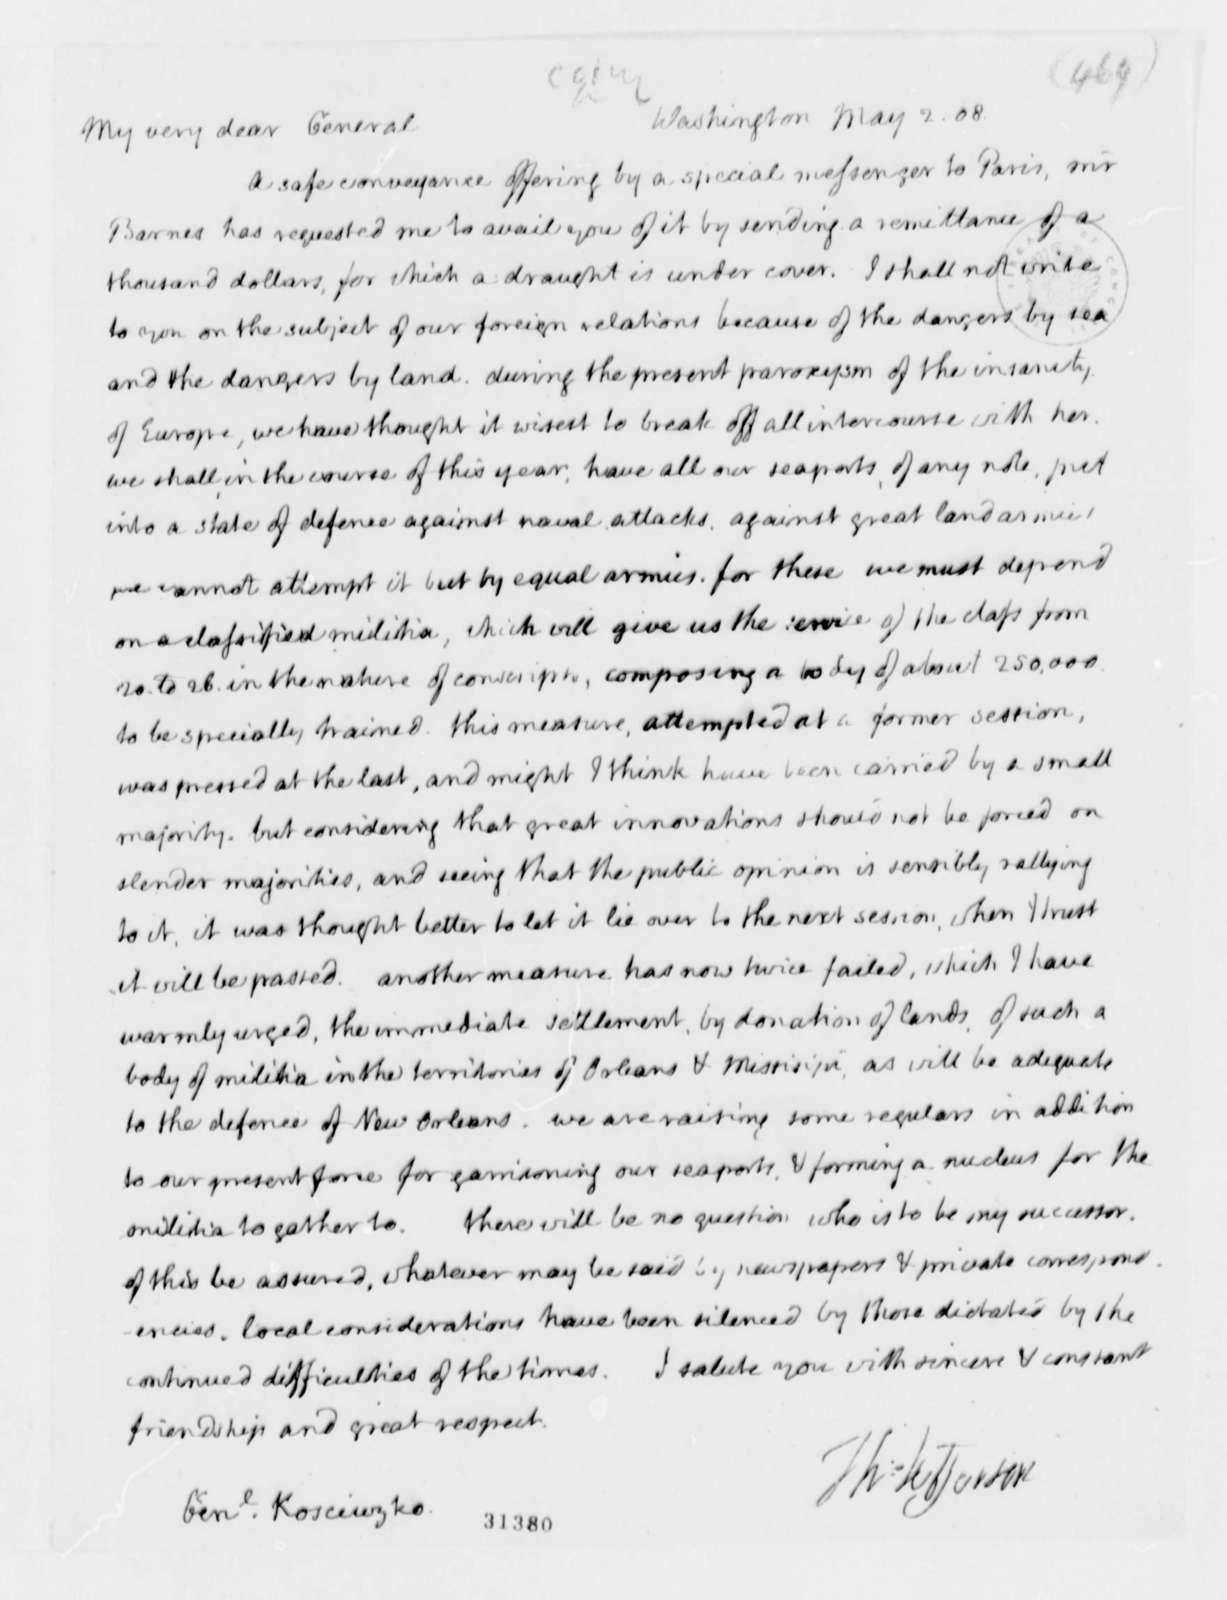 Thomas Jefferson to Thaddeus Kosciuszko, May 2, 1808